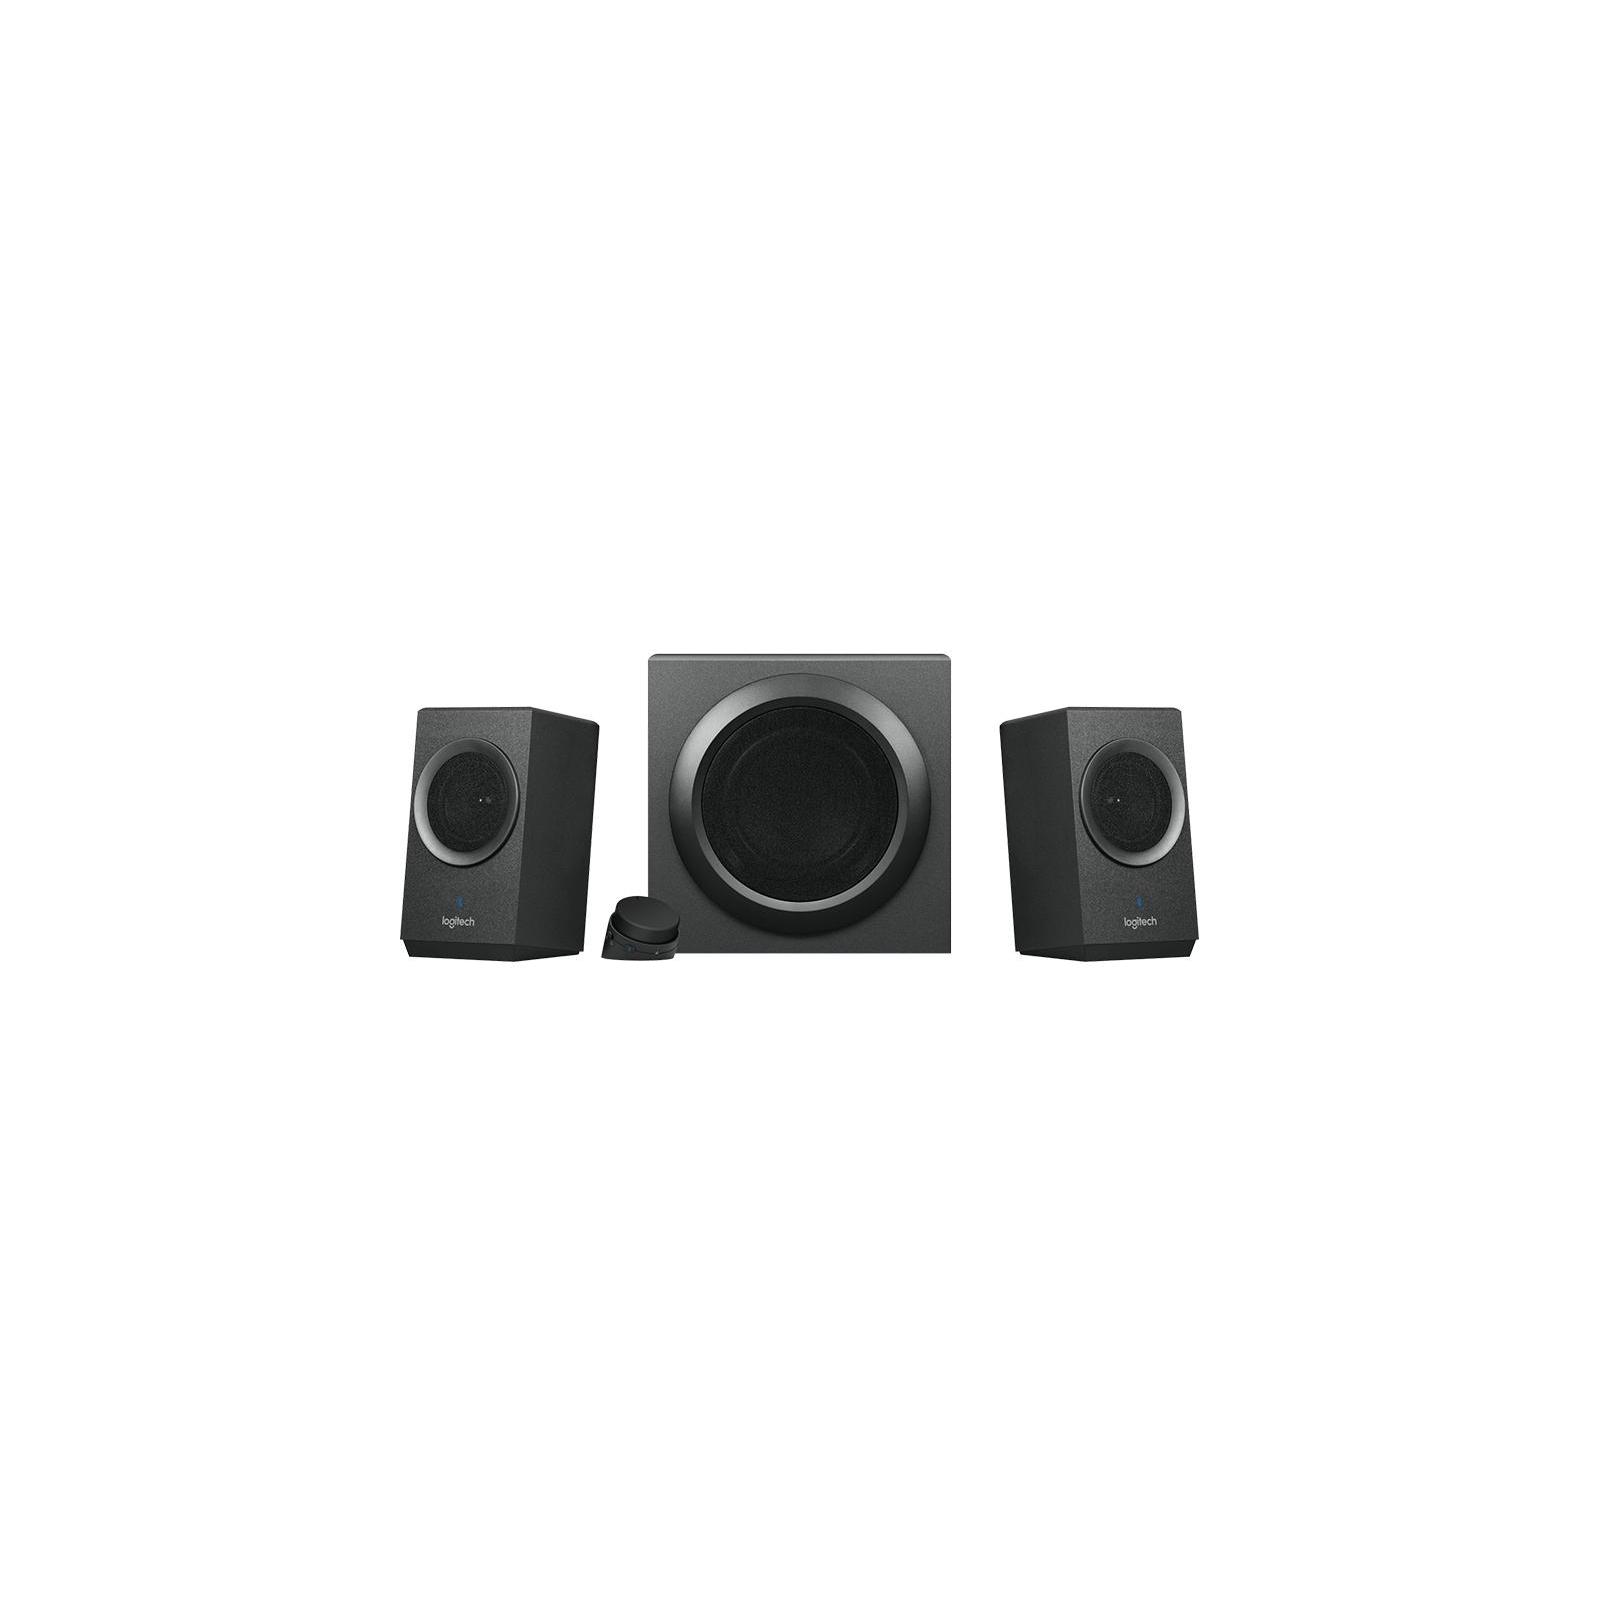 Акустическая система Logitech Z337 Bold Sound with Bluetooth (980-001261) изображение 2